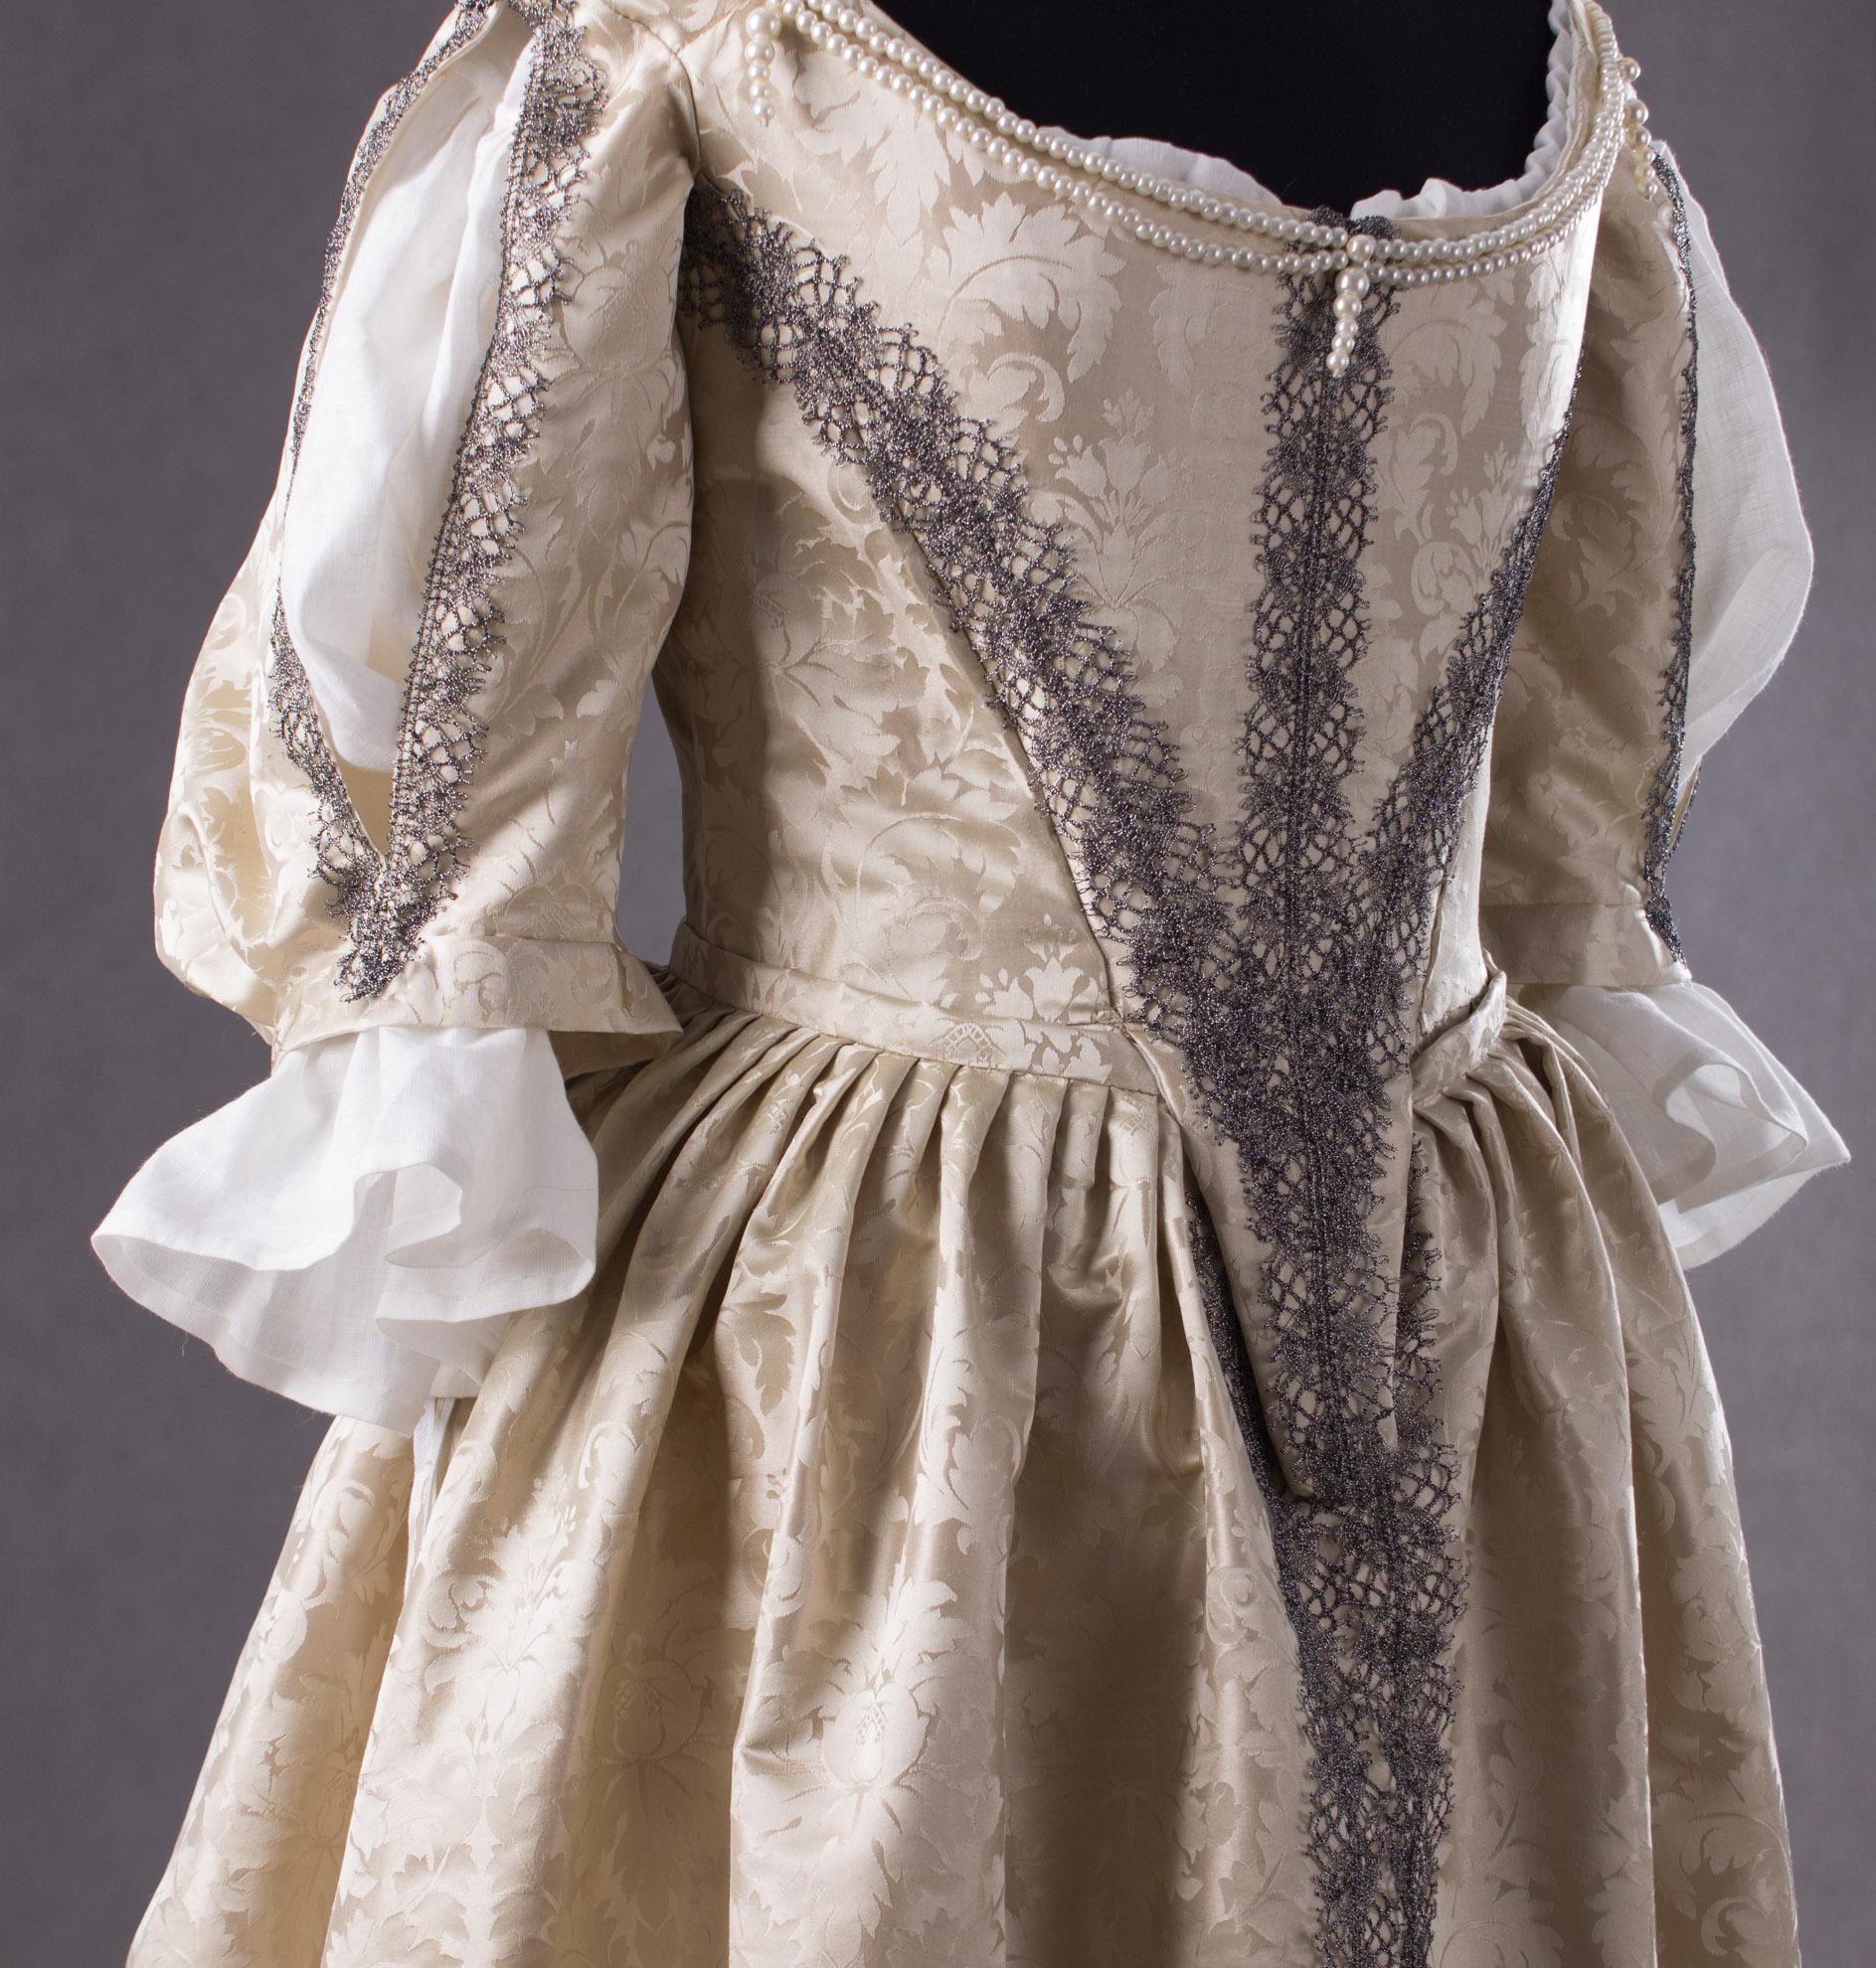 suknia-z-adamaszku-jedwabnego-1660-4-of-8